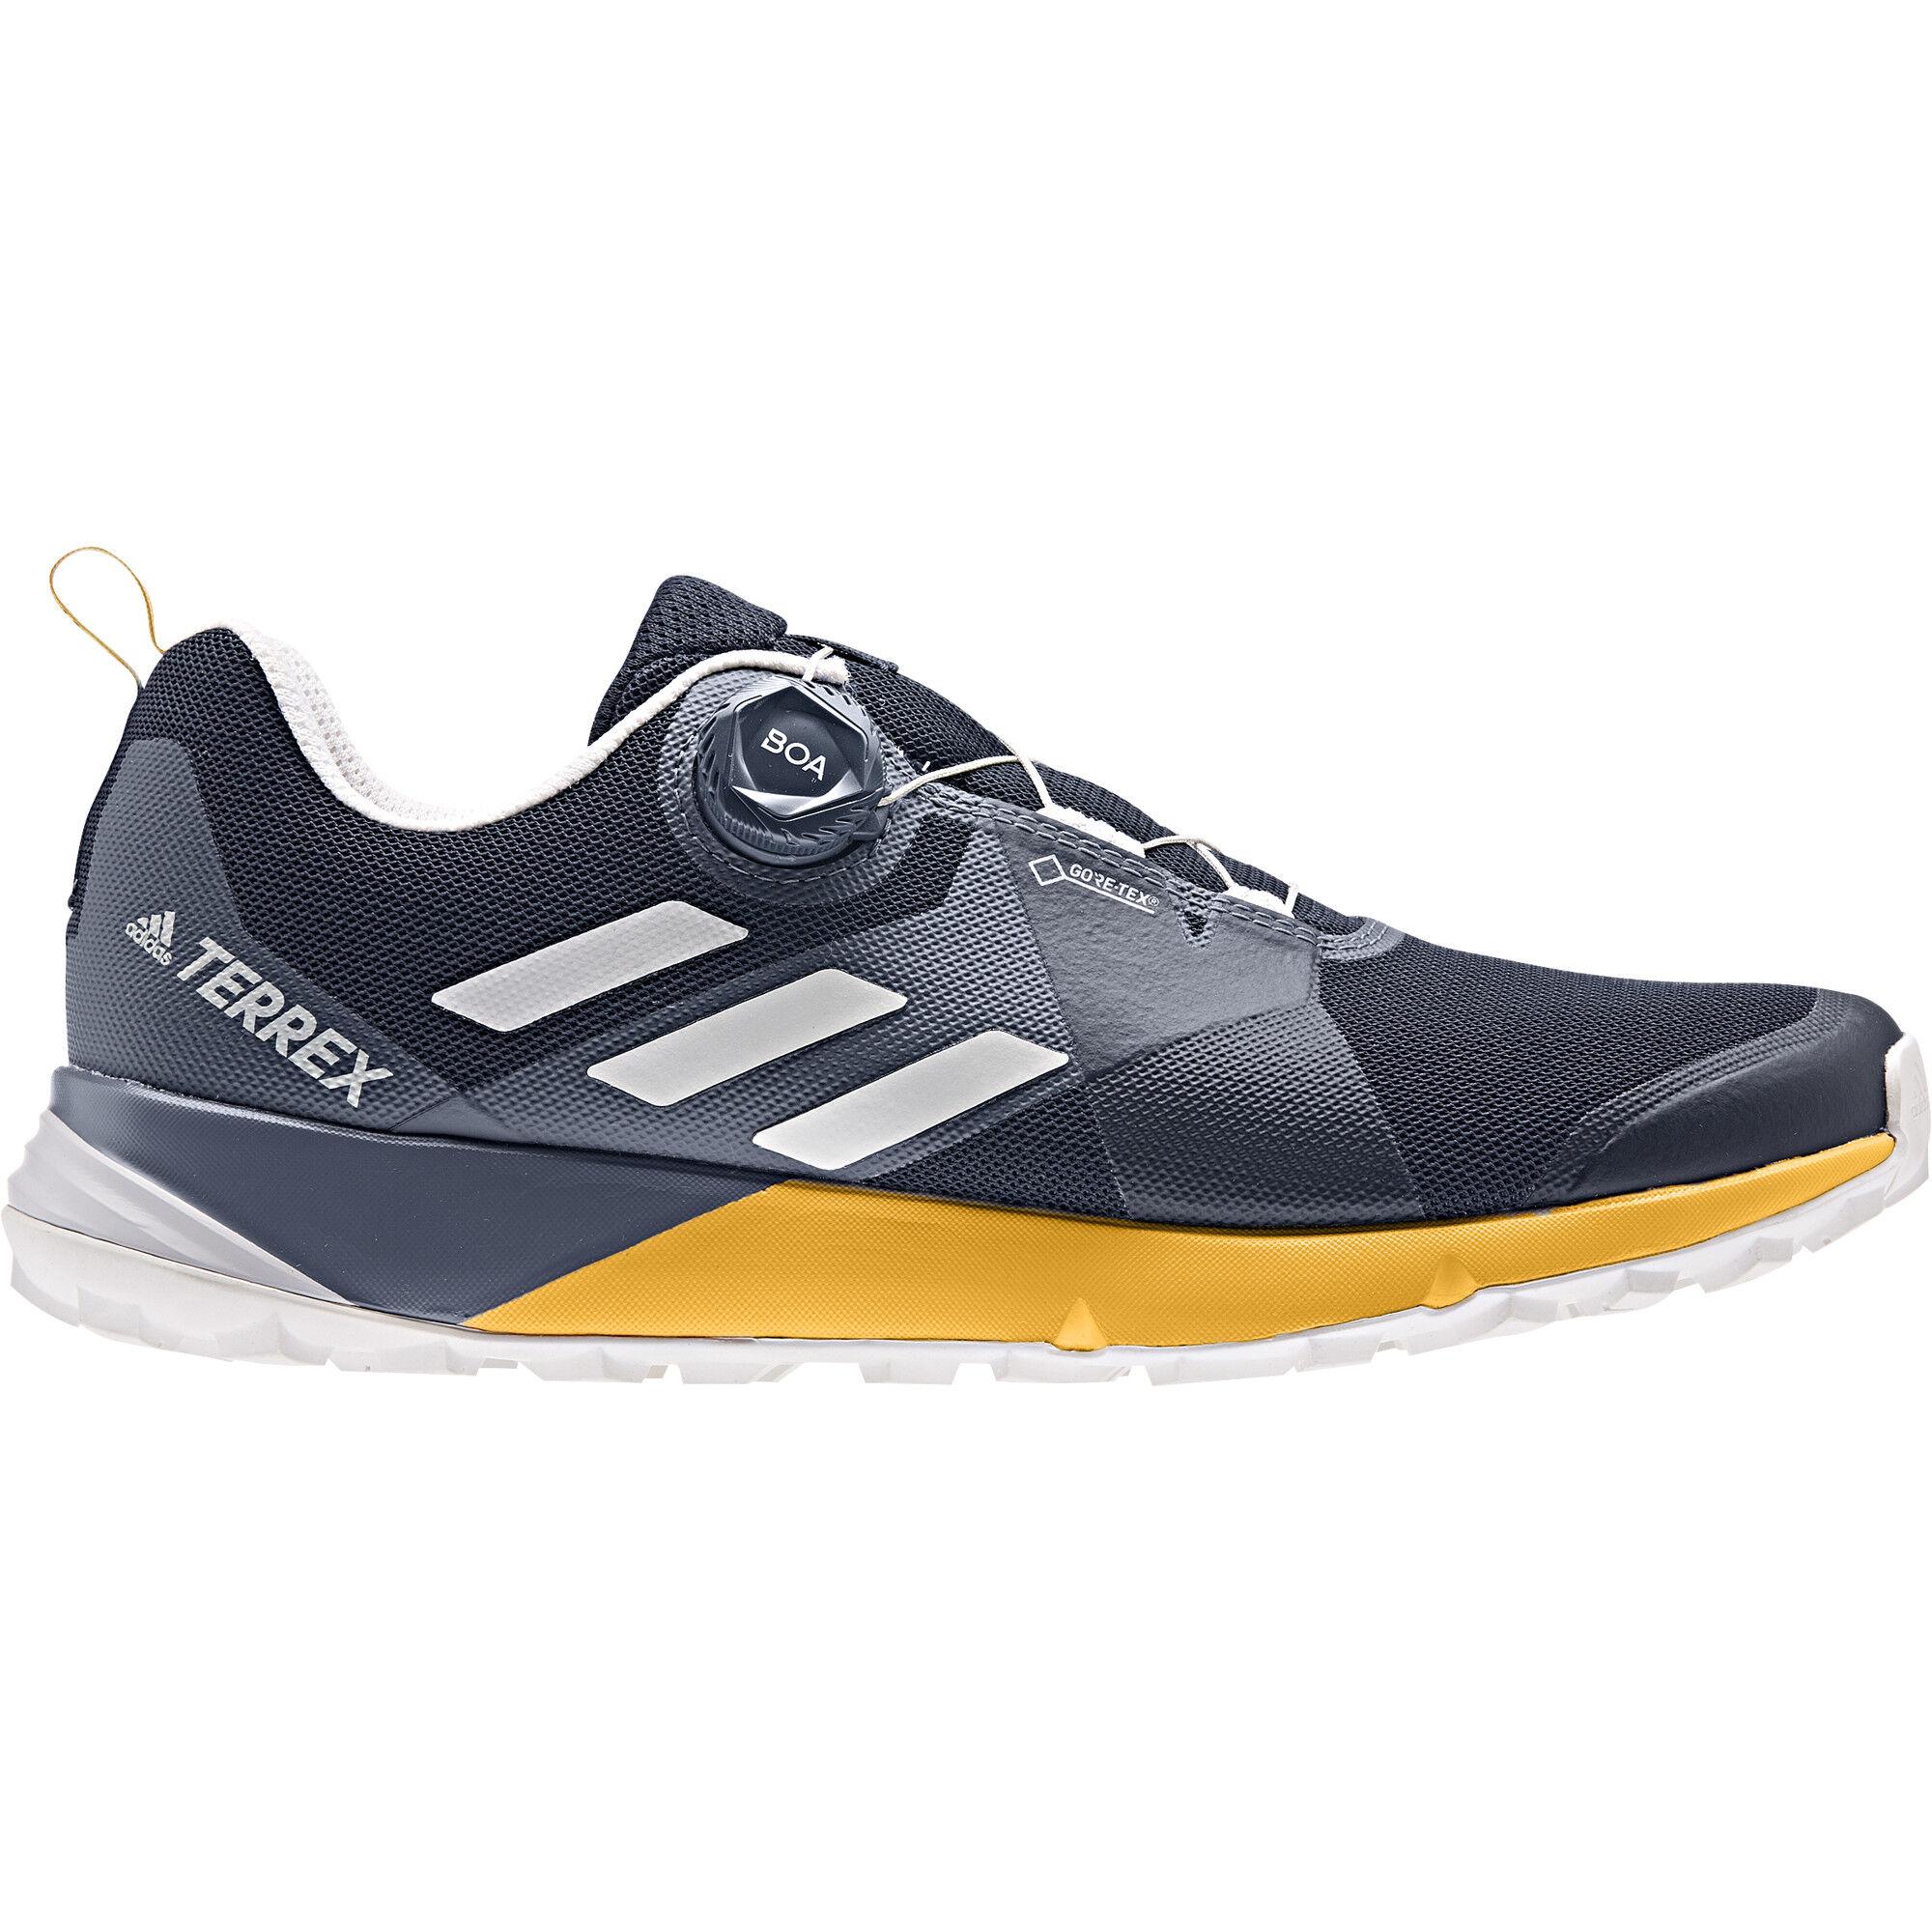 Terrex Adidas Schuhe Terrex Schuhe Herren Adidas Continental